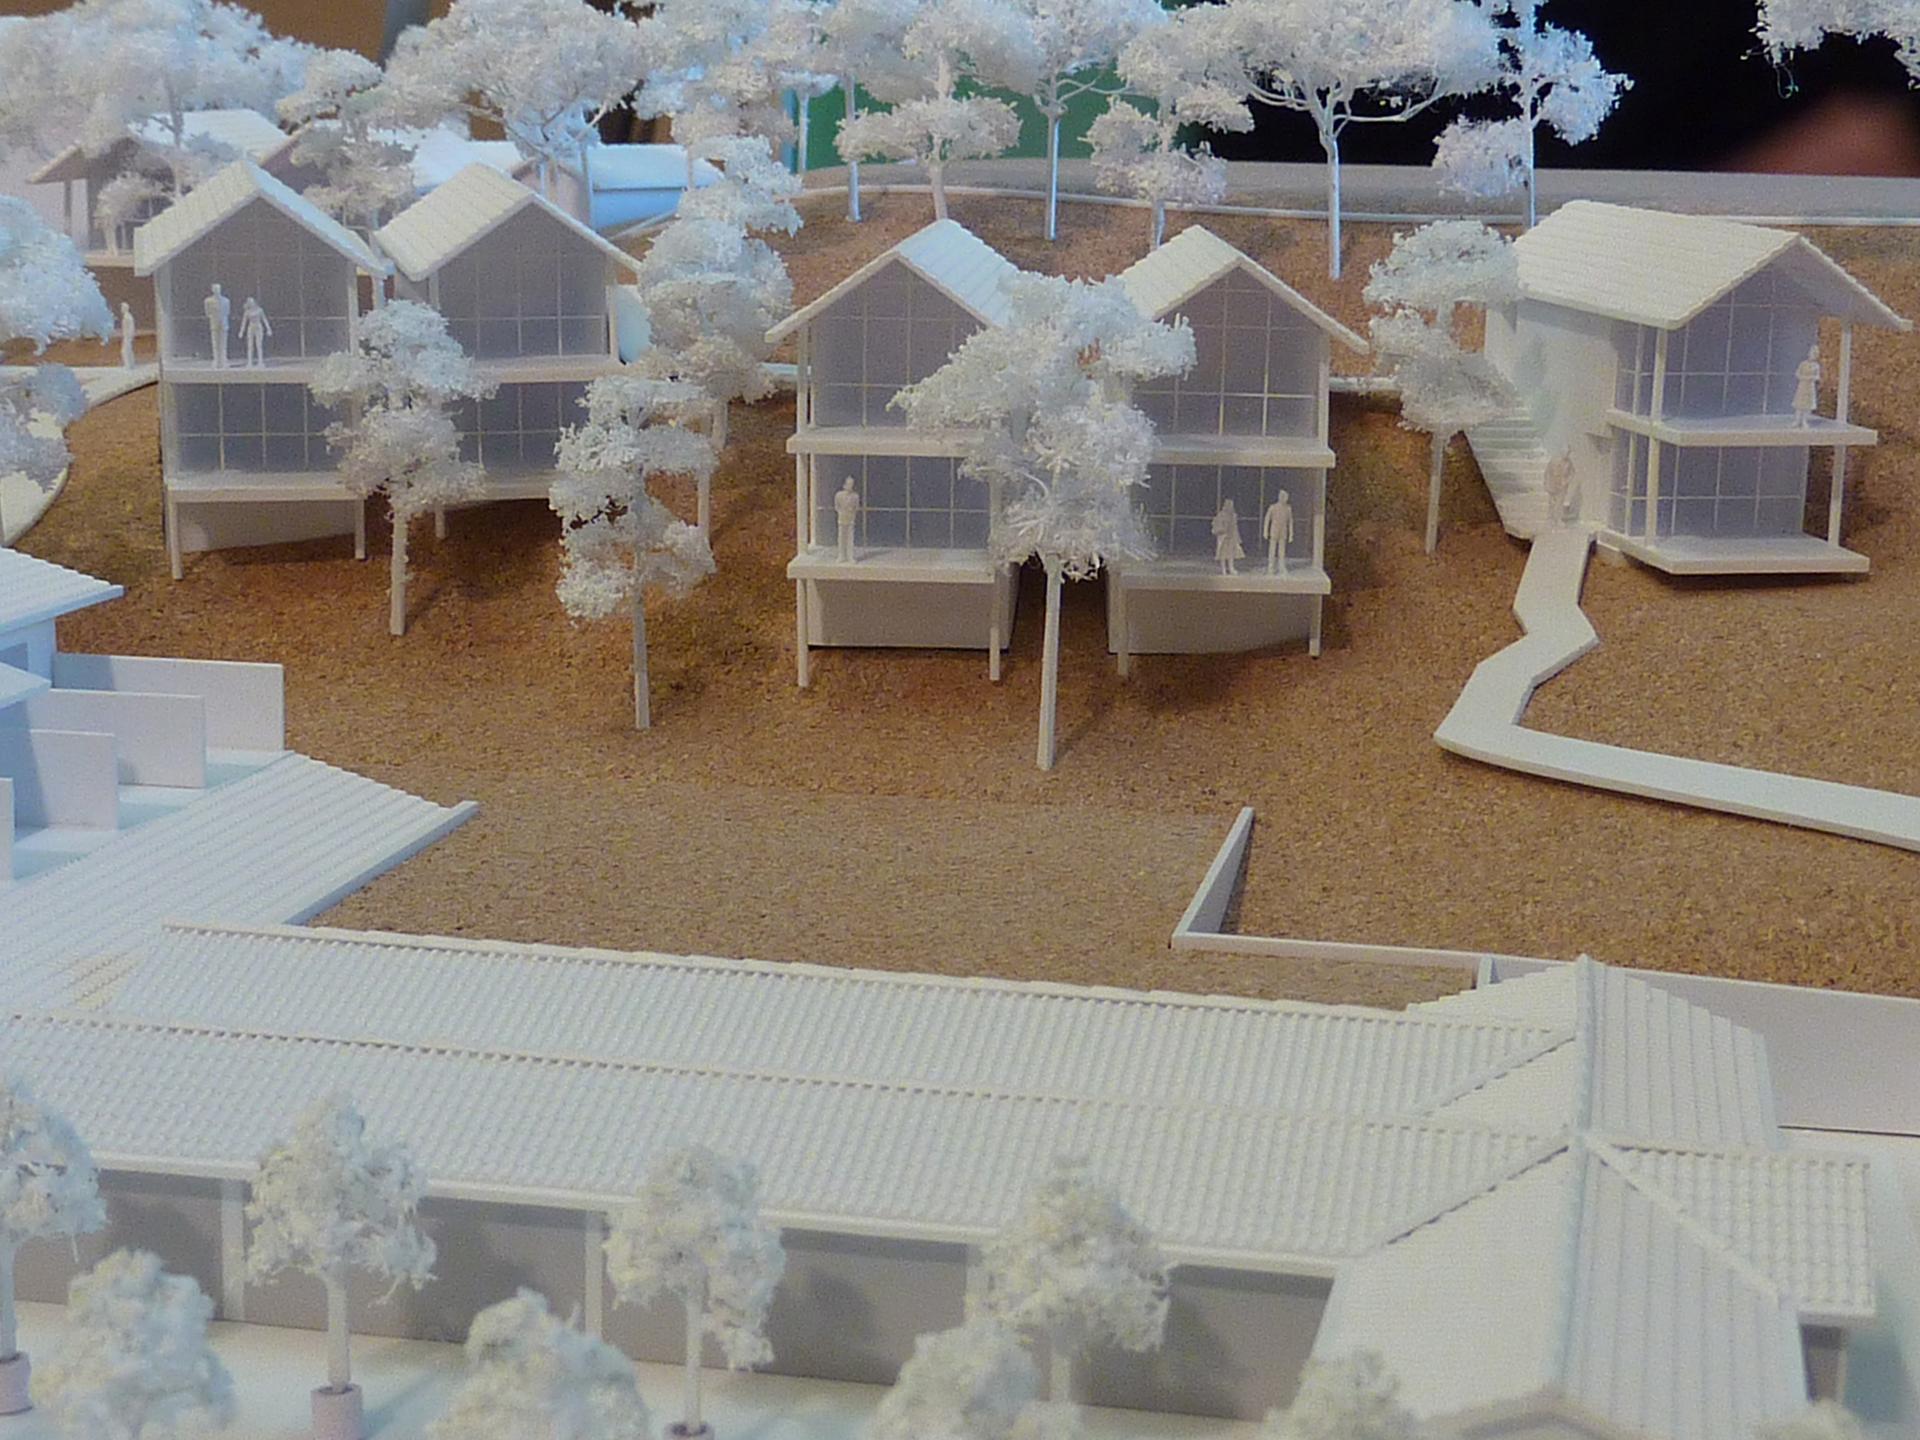 maquette, philippe starck, la co(o)rniche, pyla sur mer, la dune du pyla, hotel, prestige